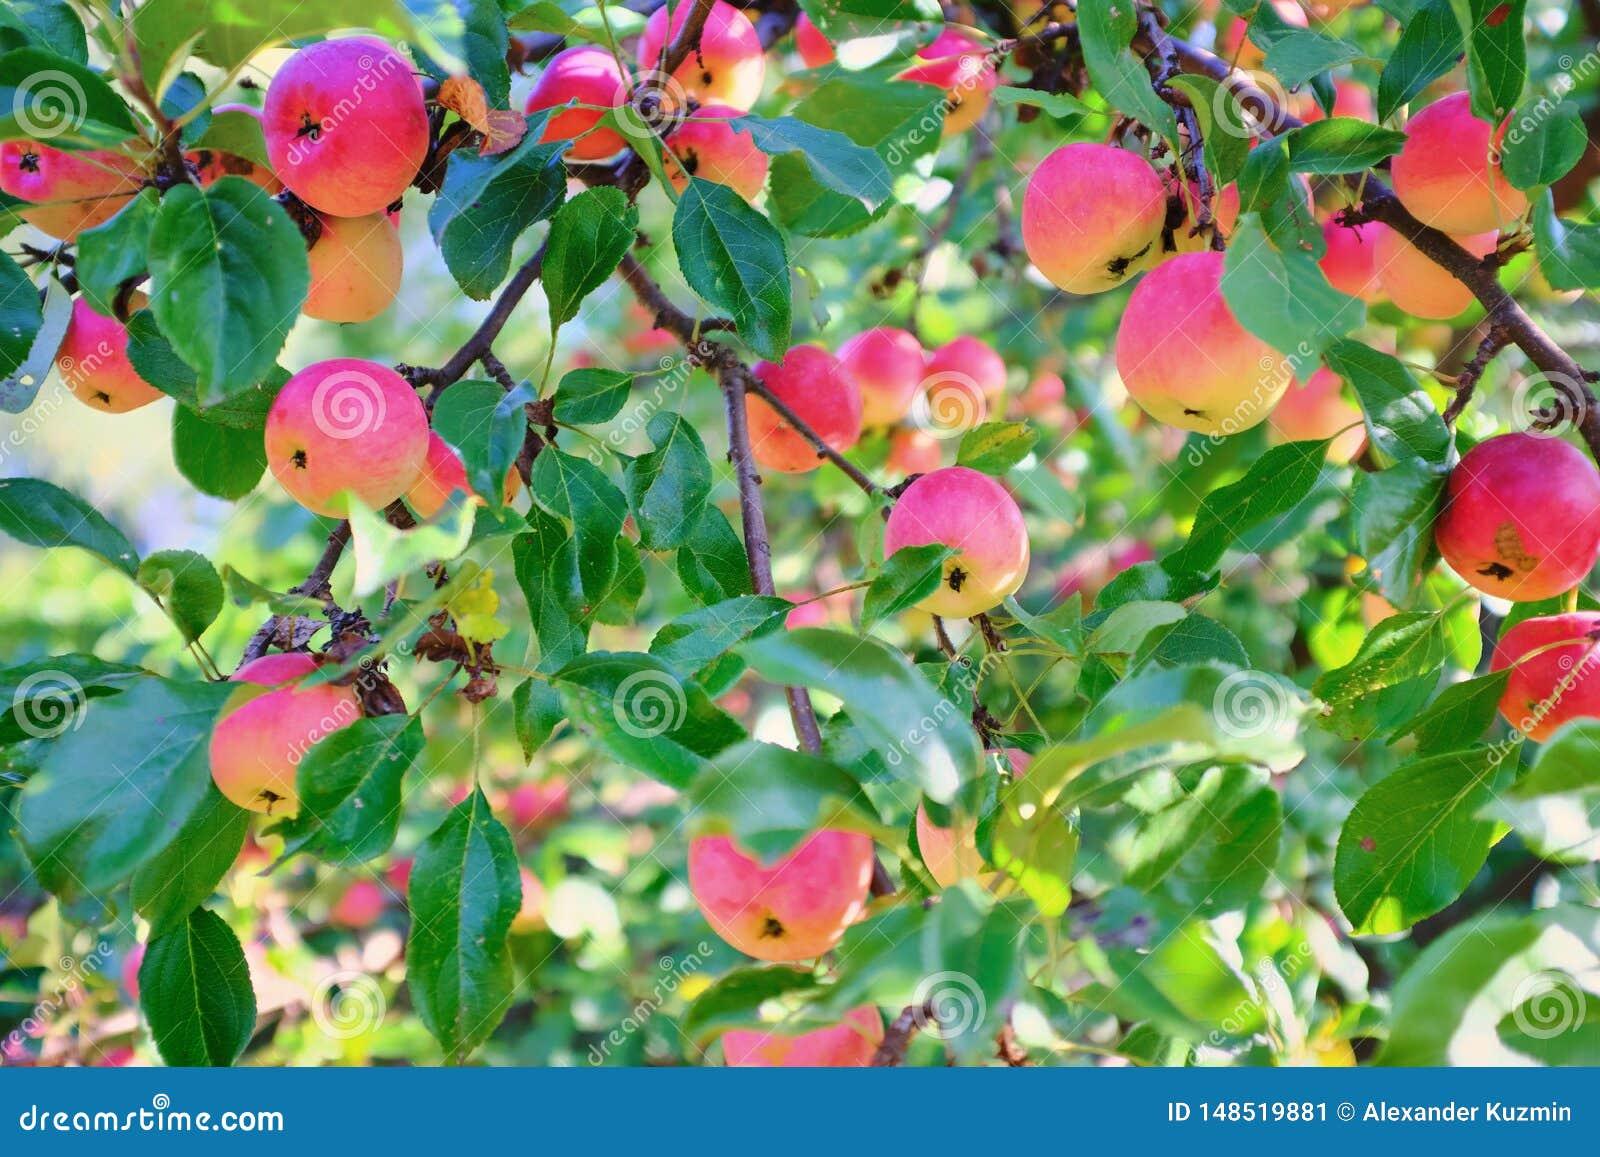 生长在树枝的成熟苹果